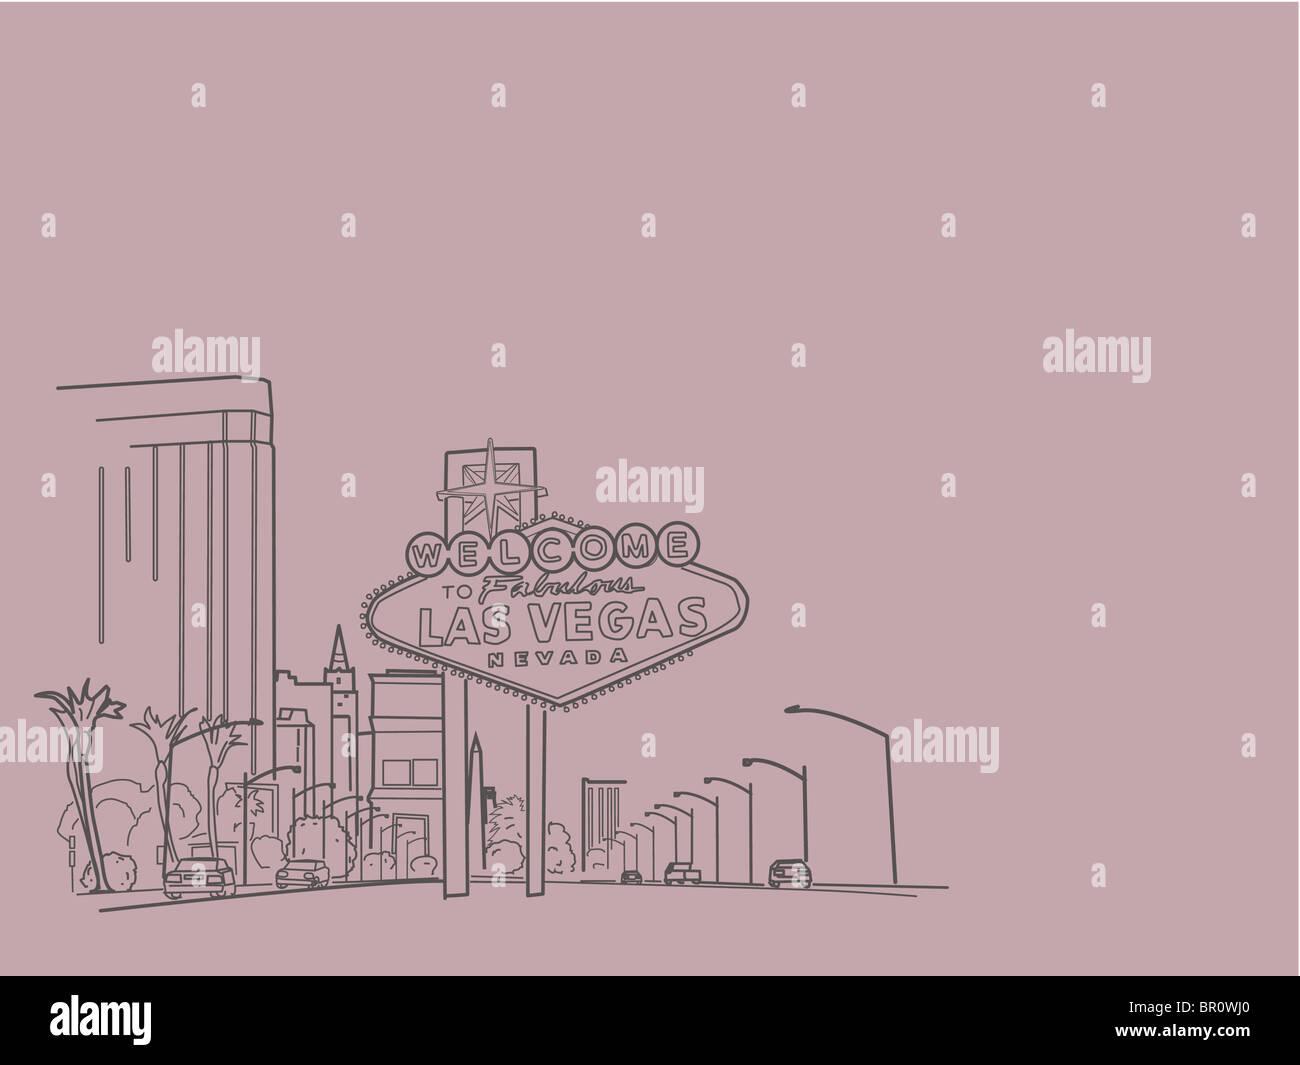 Una illustrazione della città di Las vegas Immagini Stock